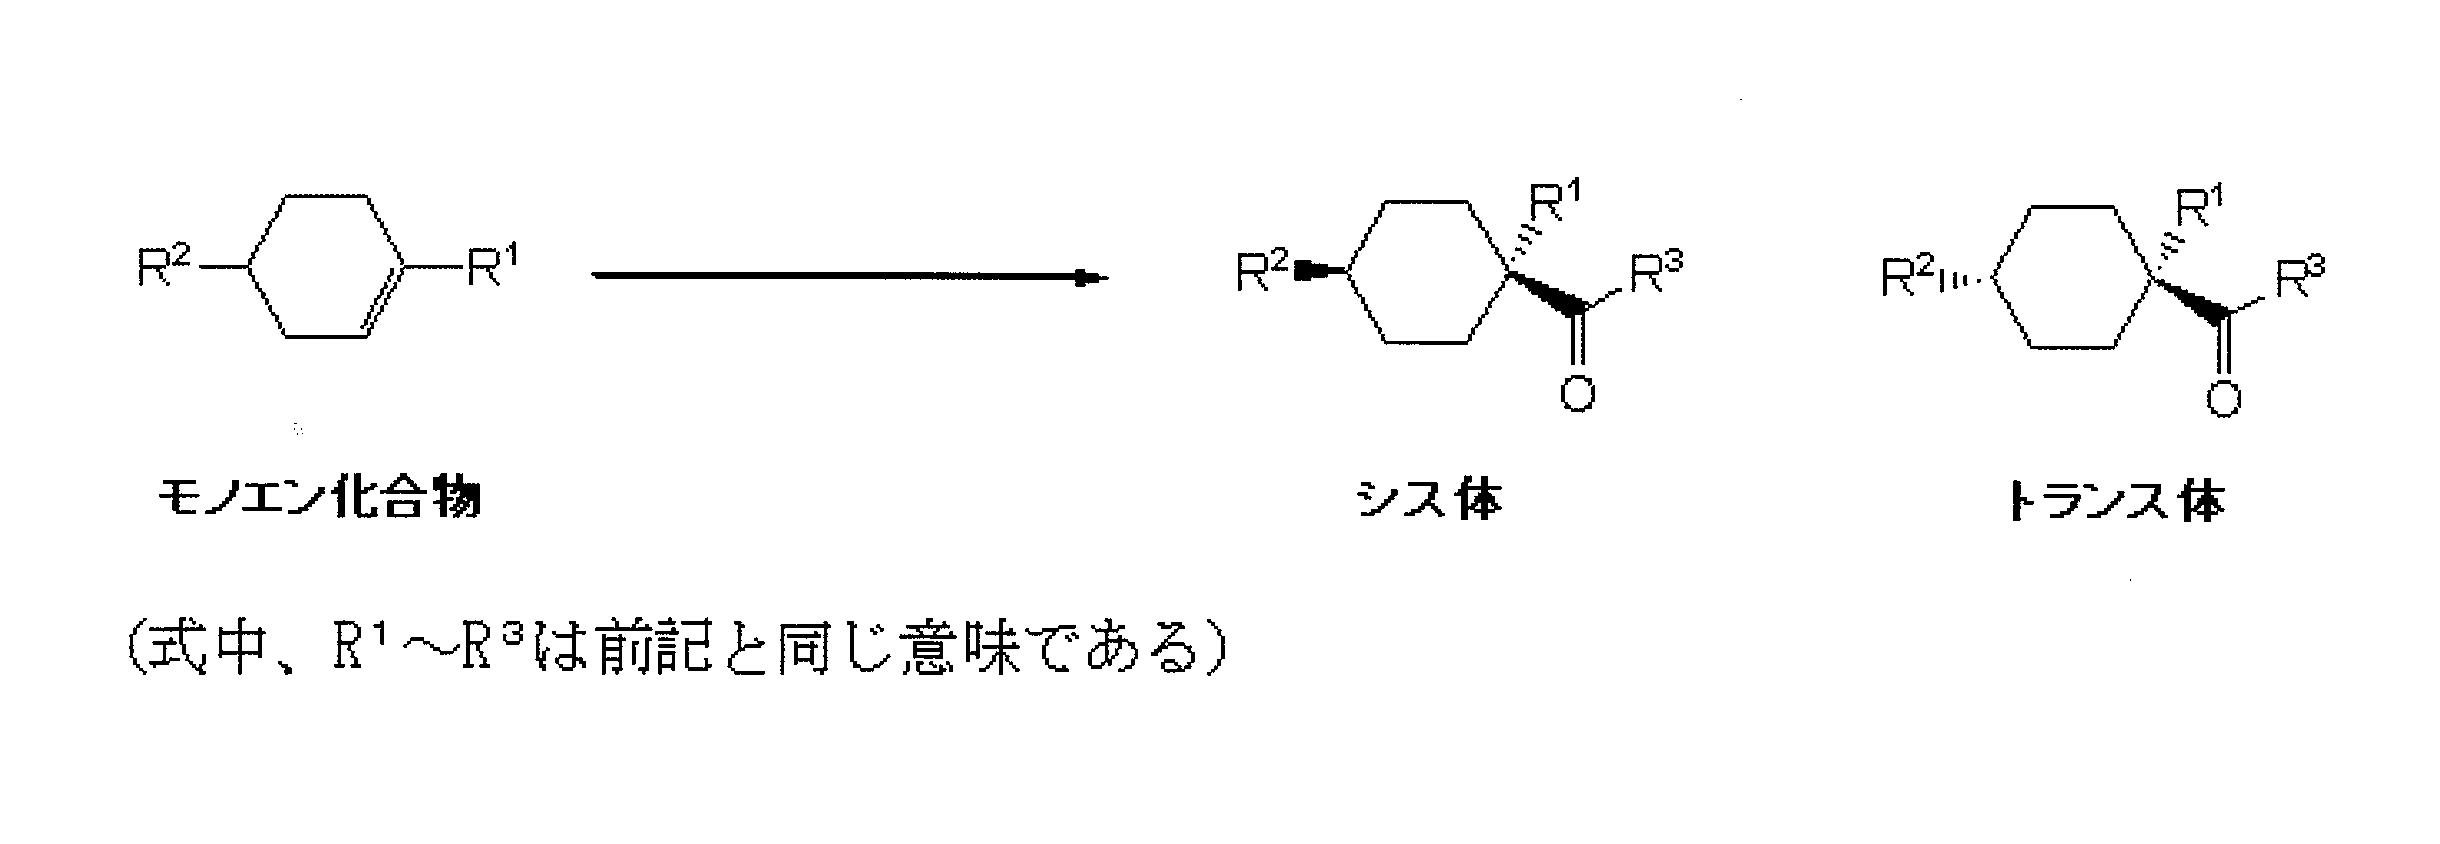 Agarbatti compound formula